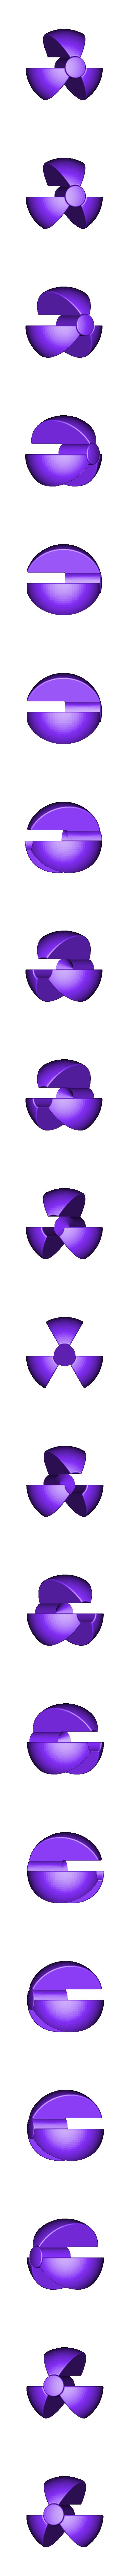 Ball_v0.stl Télécharger fichier STL Flexiphant • Modèle à imprimer en 3D, mcgybeer